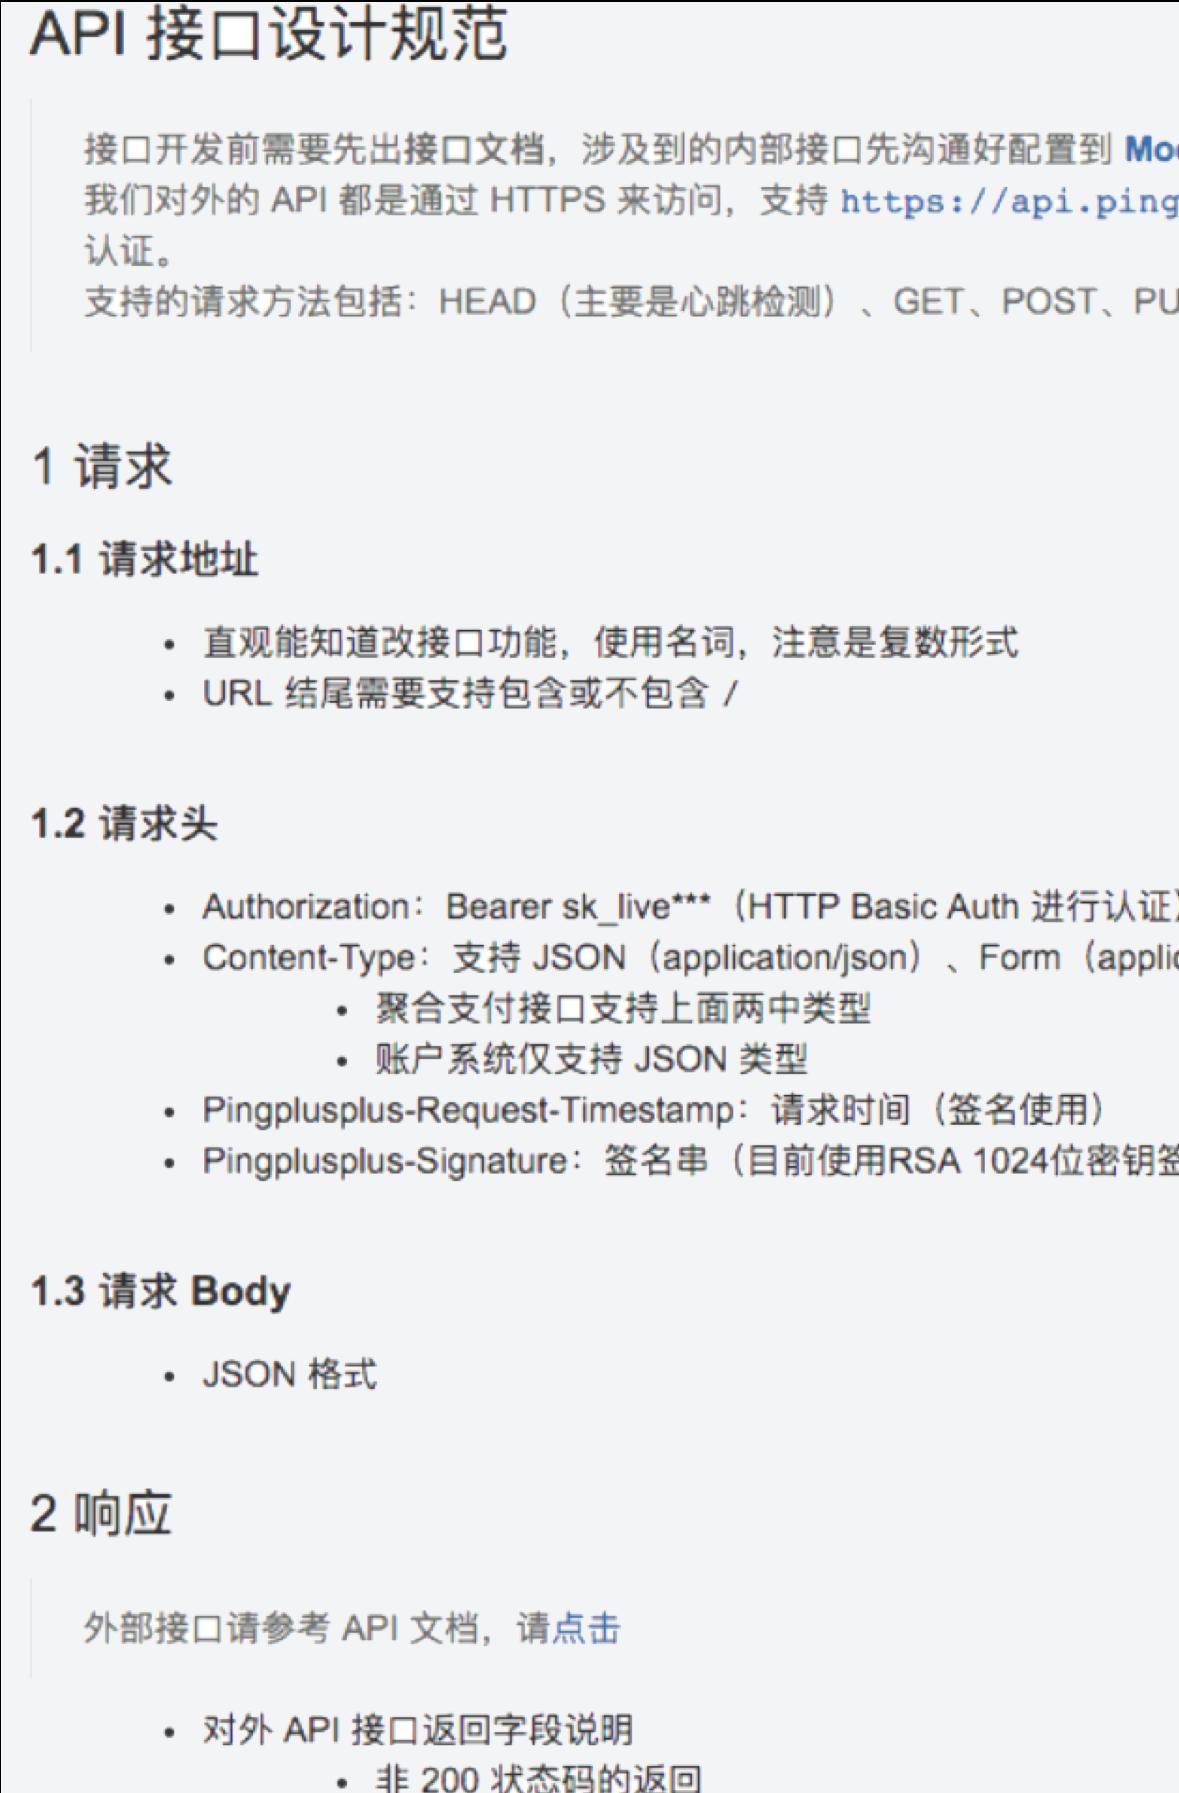 API接口设计规范